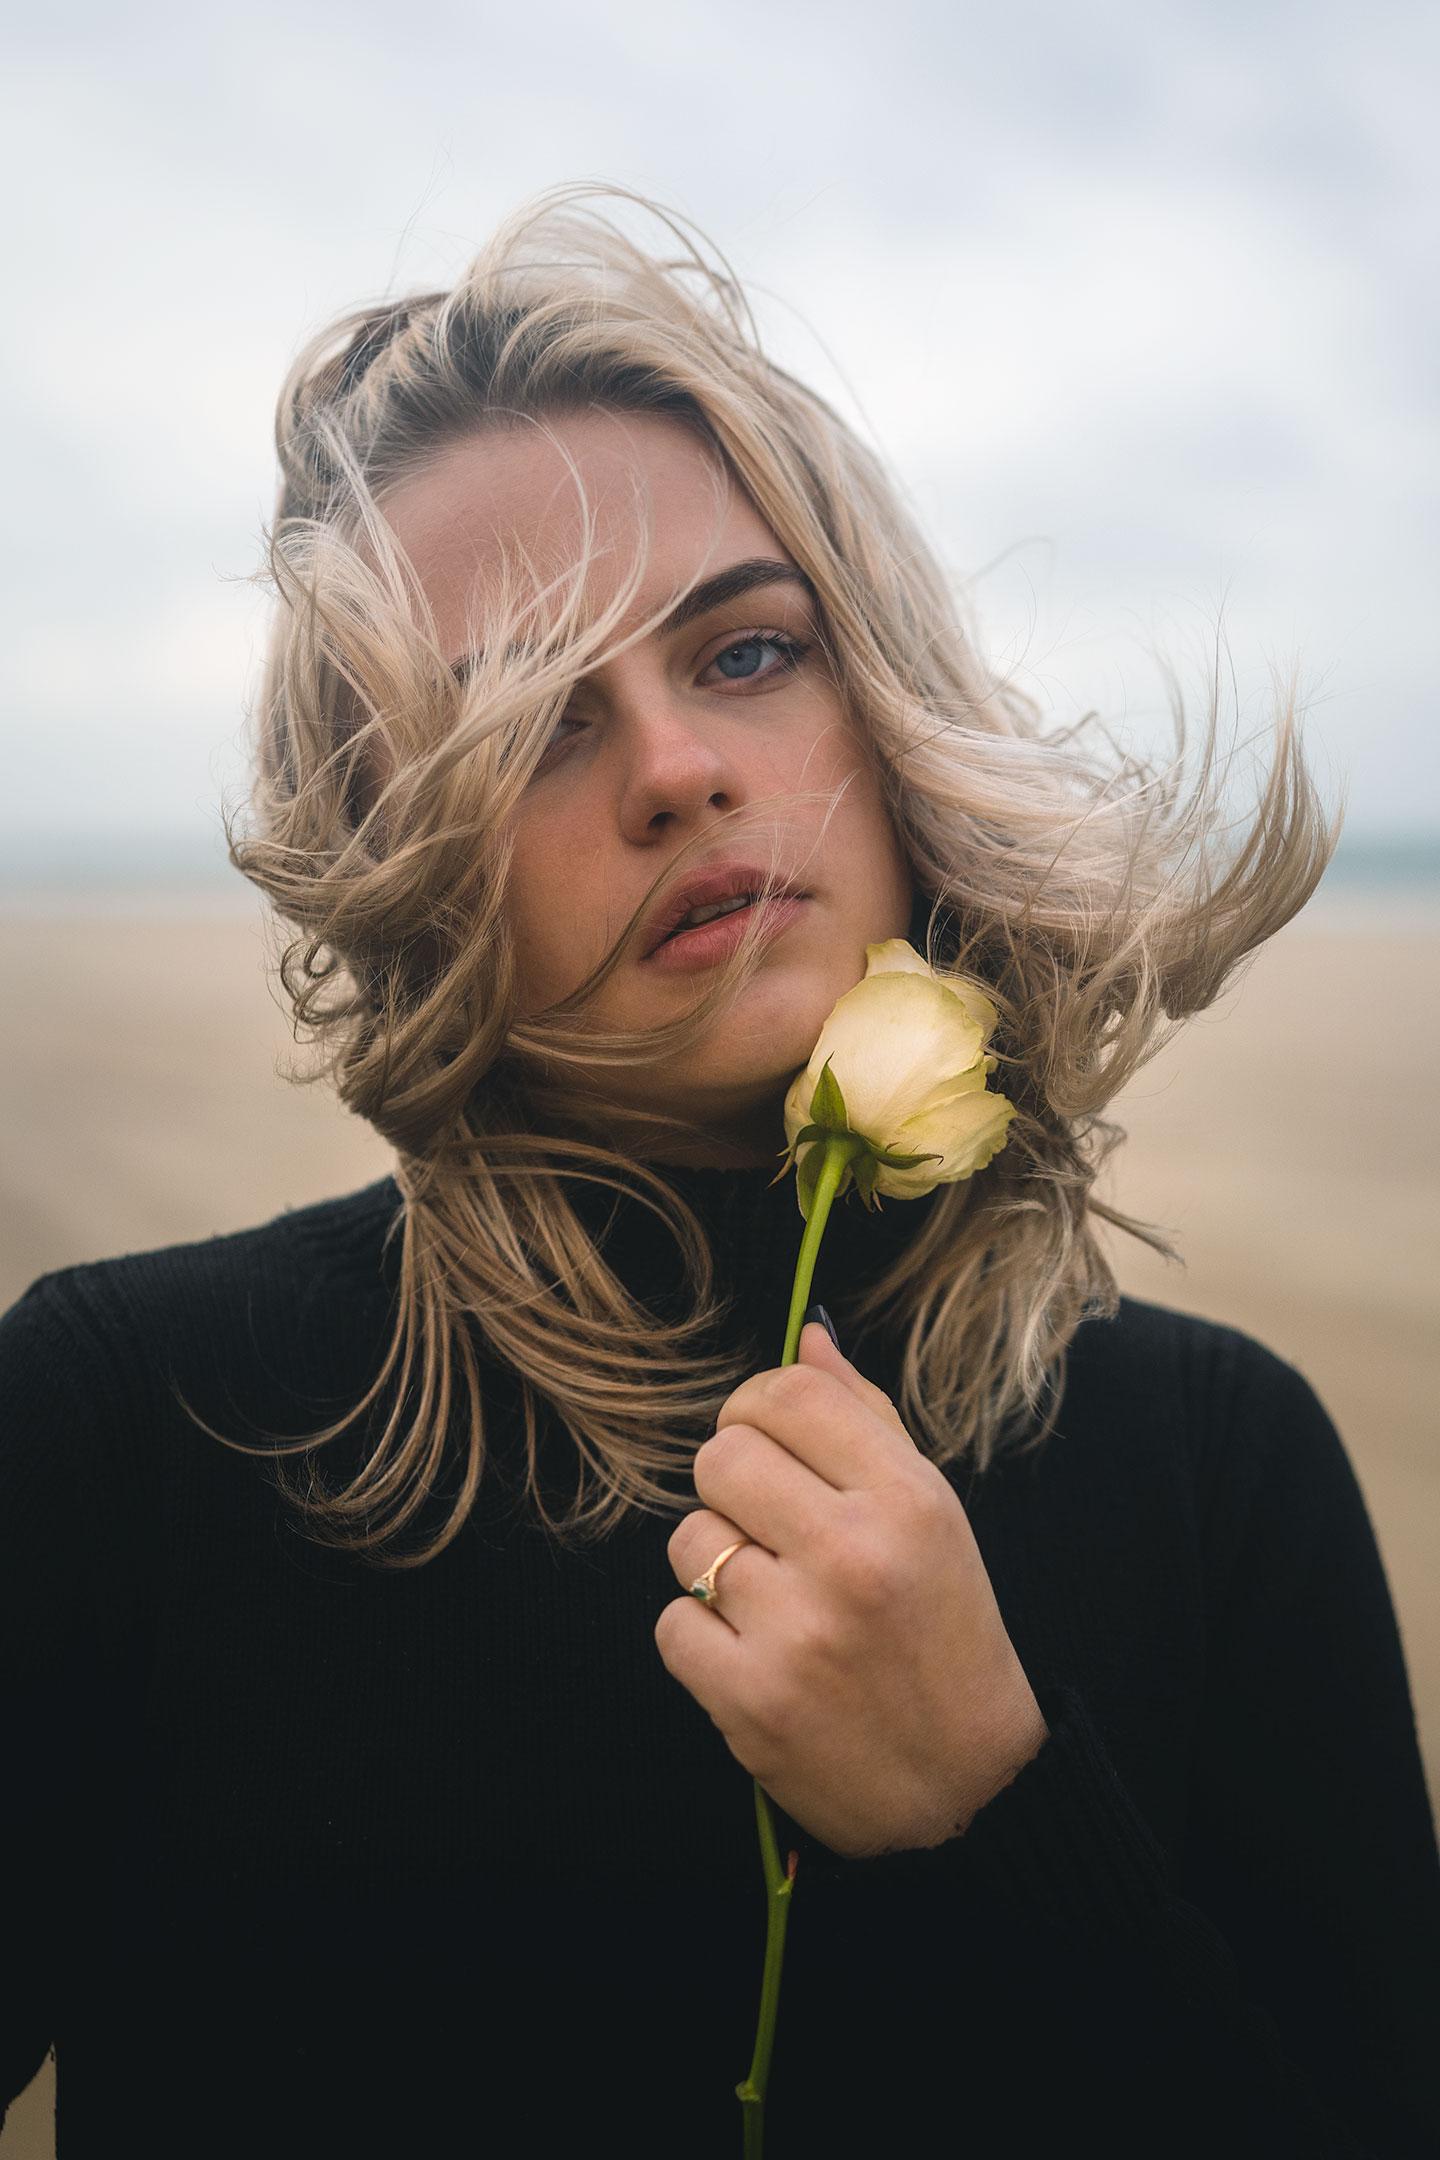 photographe portrait en bretagne